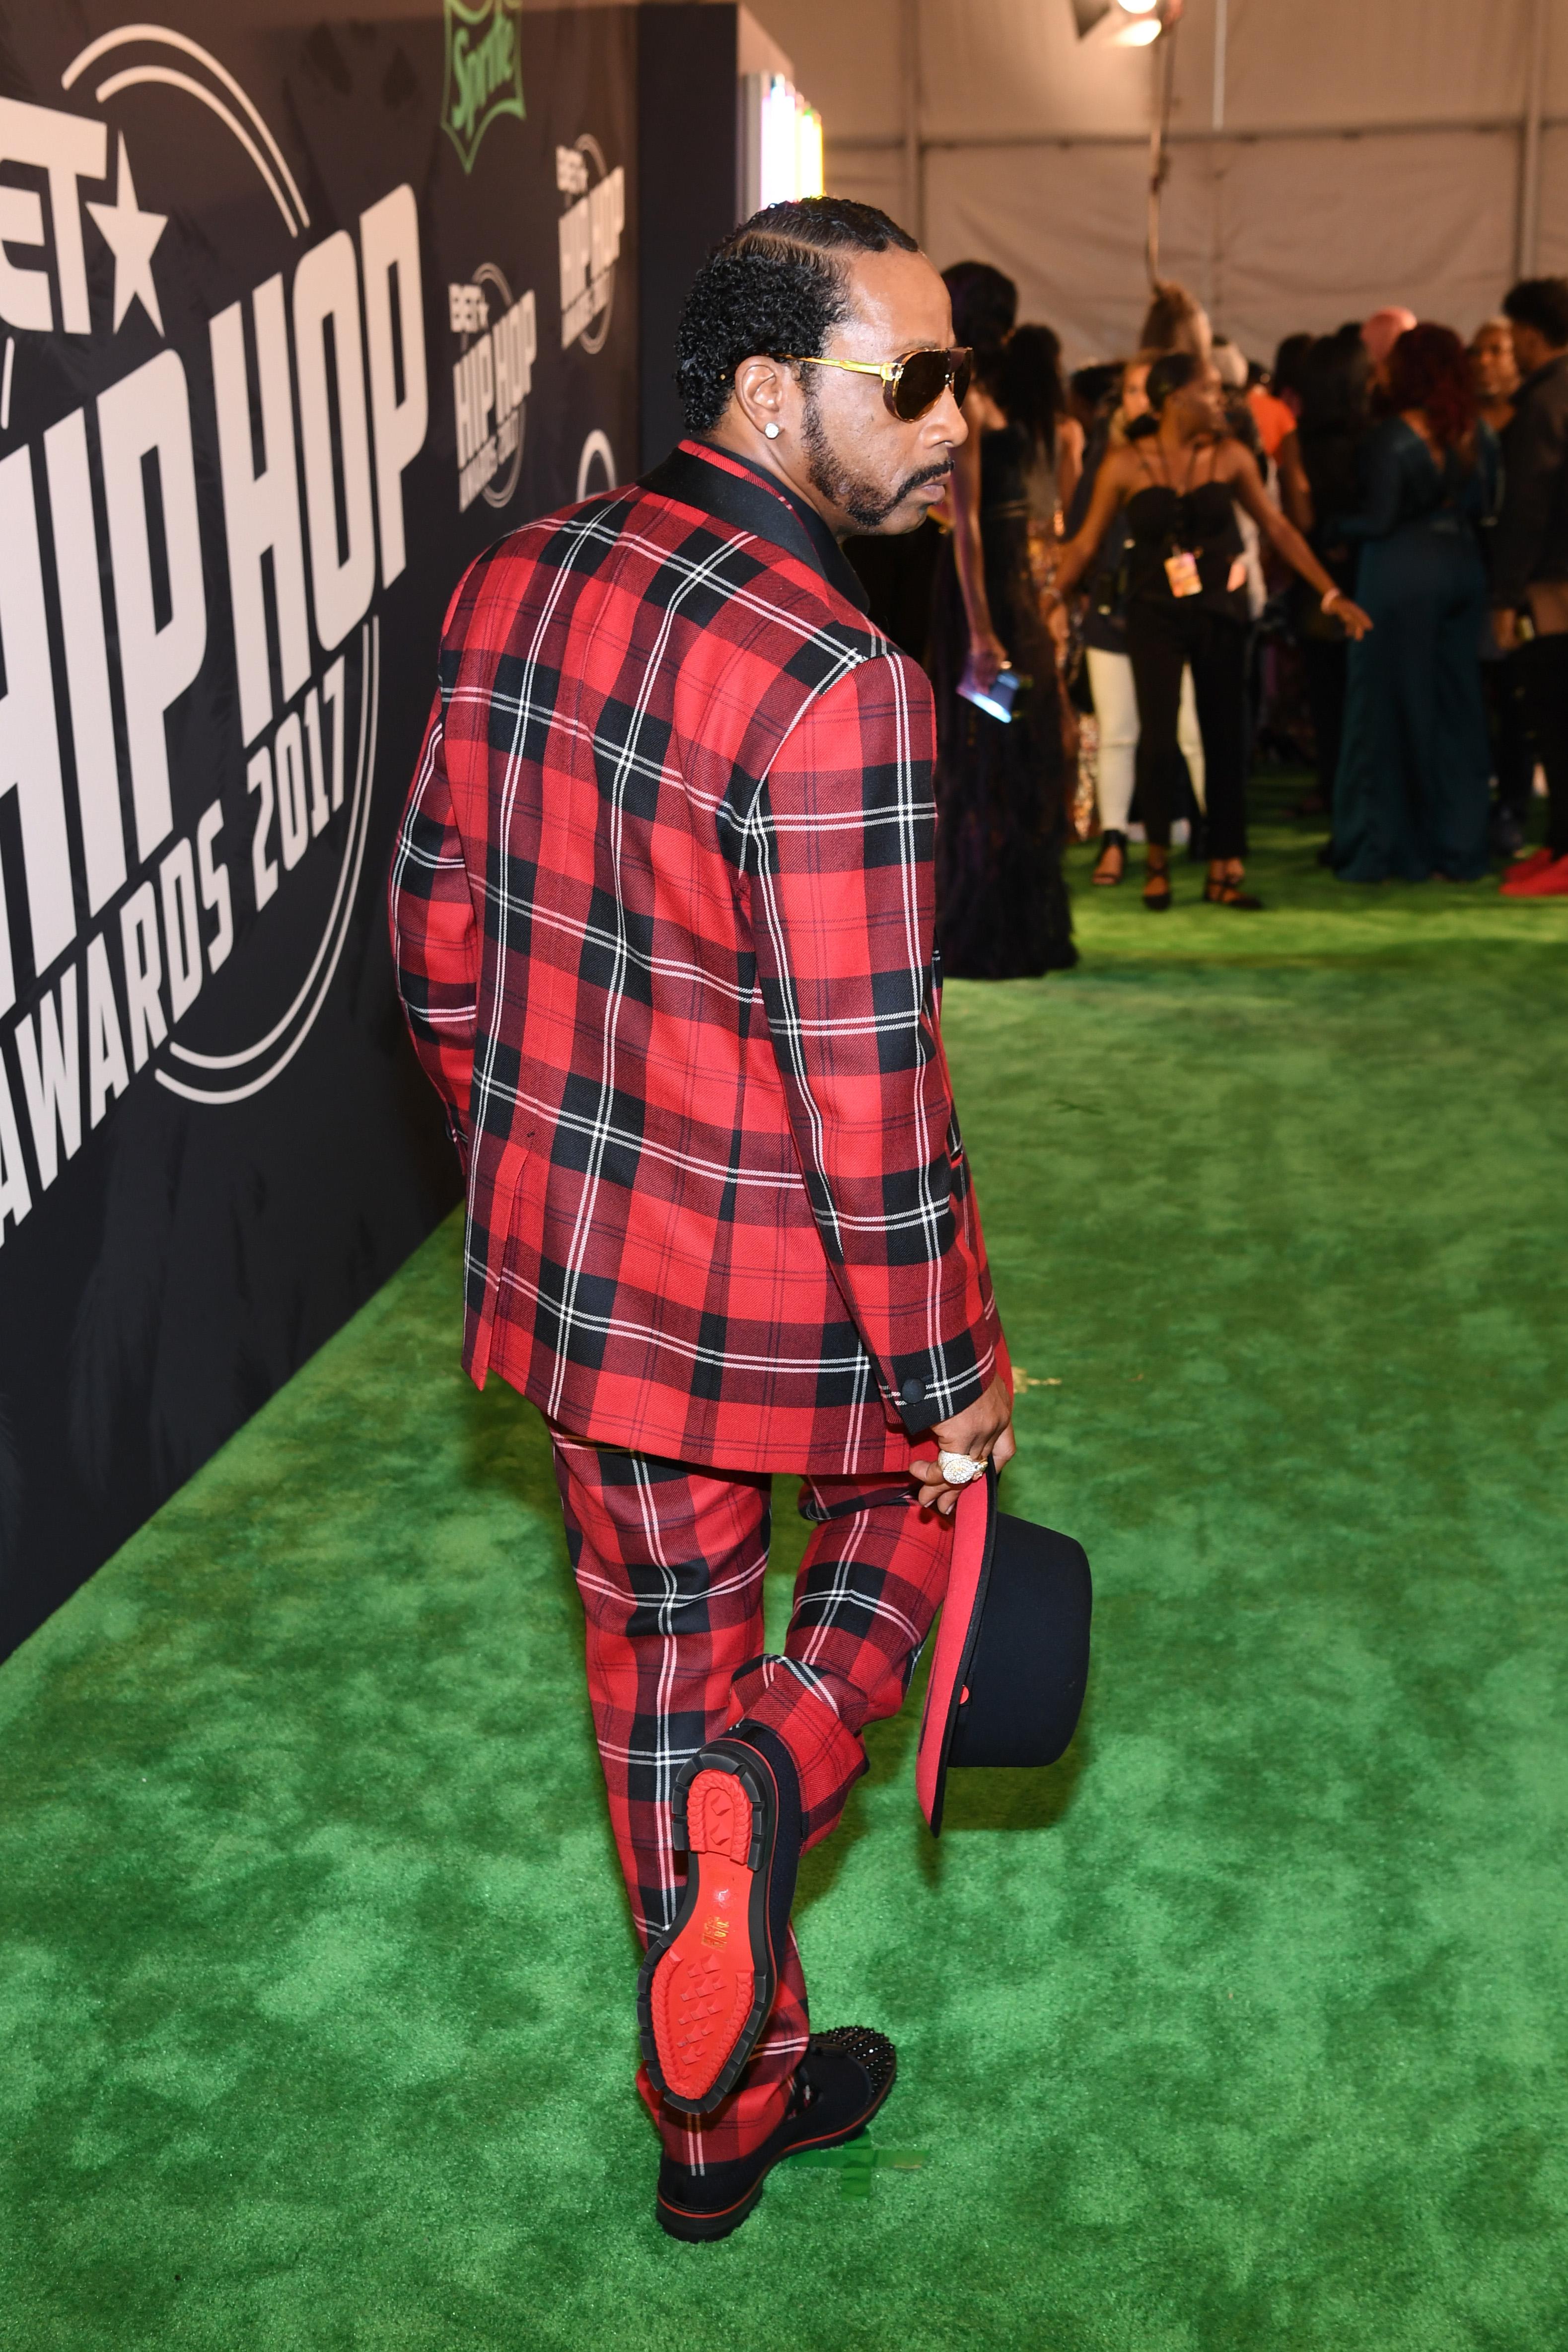 BET hip hop awards red carpet photos, pics of dj khaled on red carpet at the bet awards